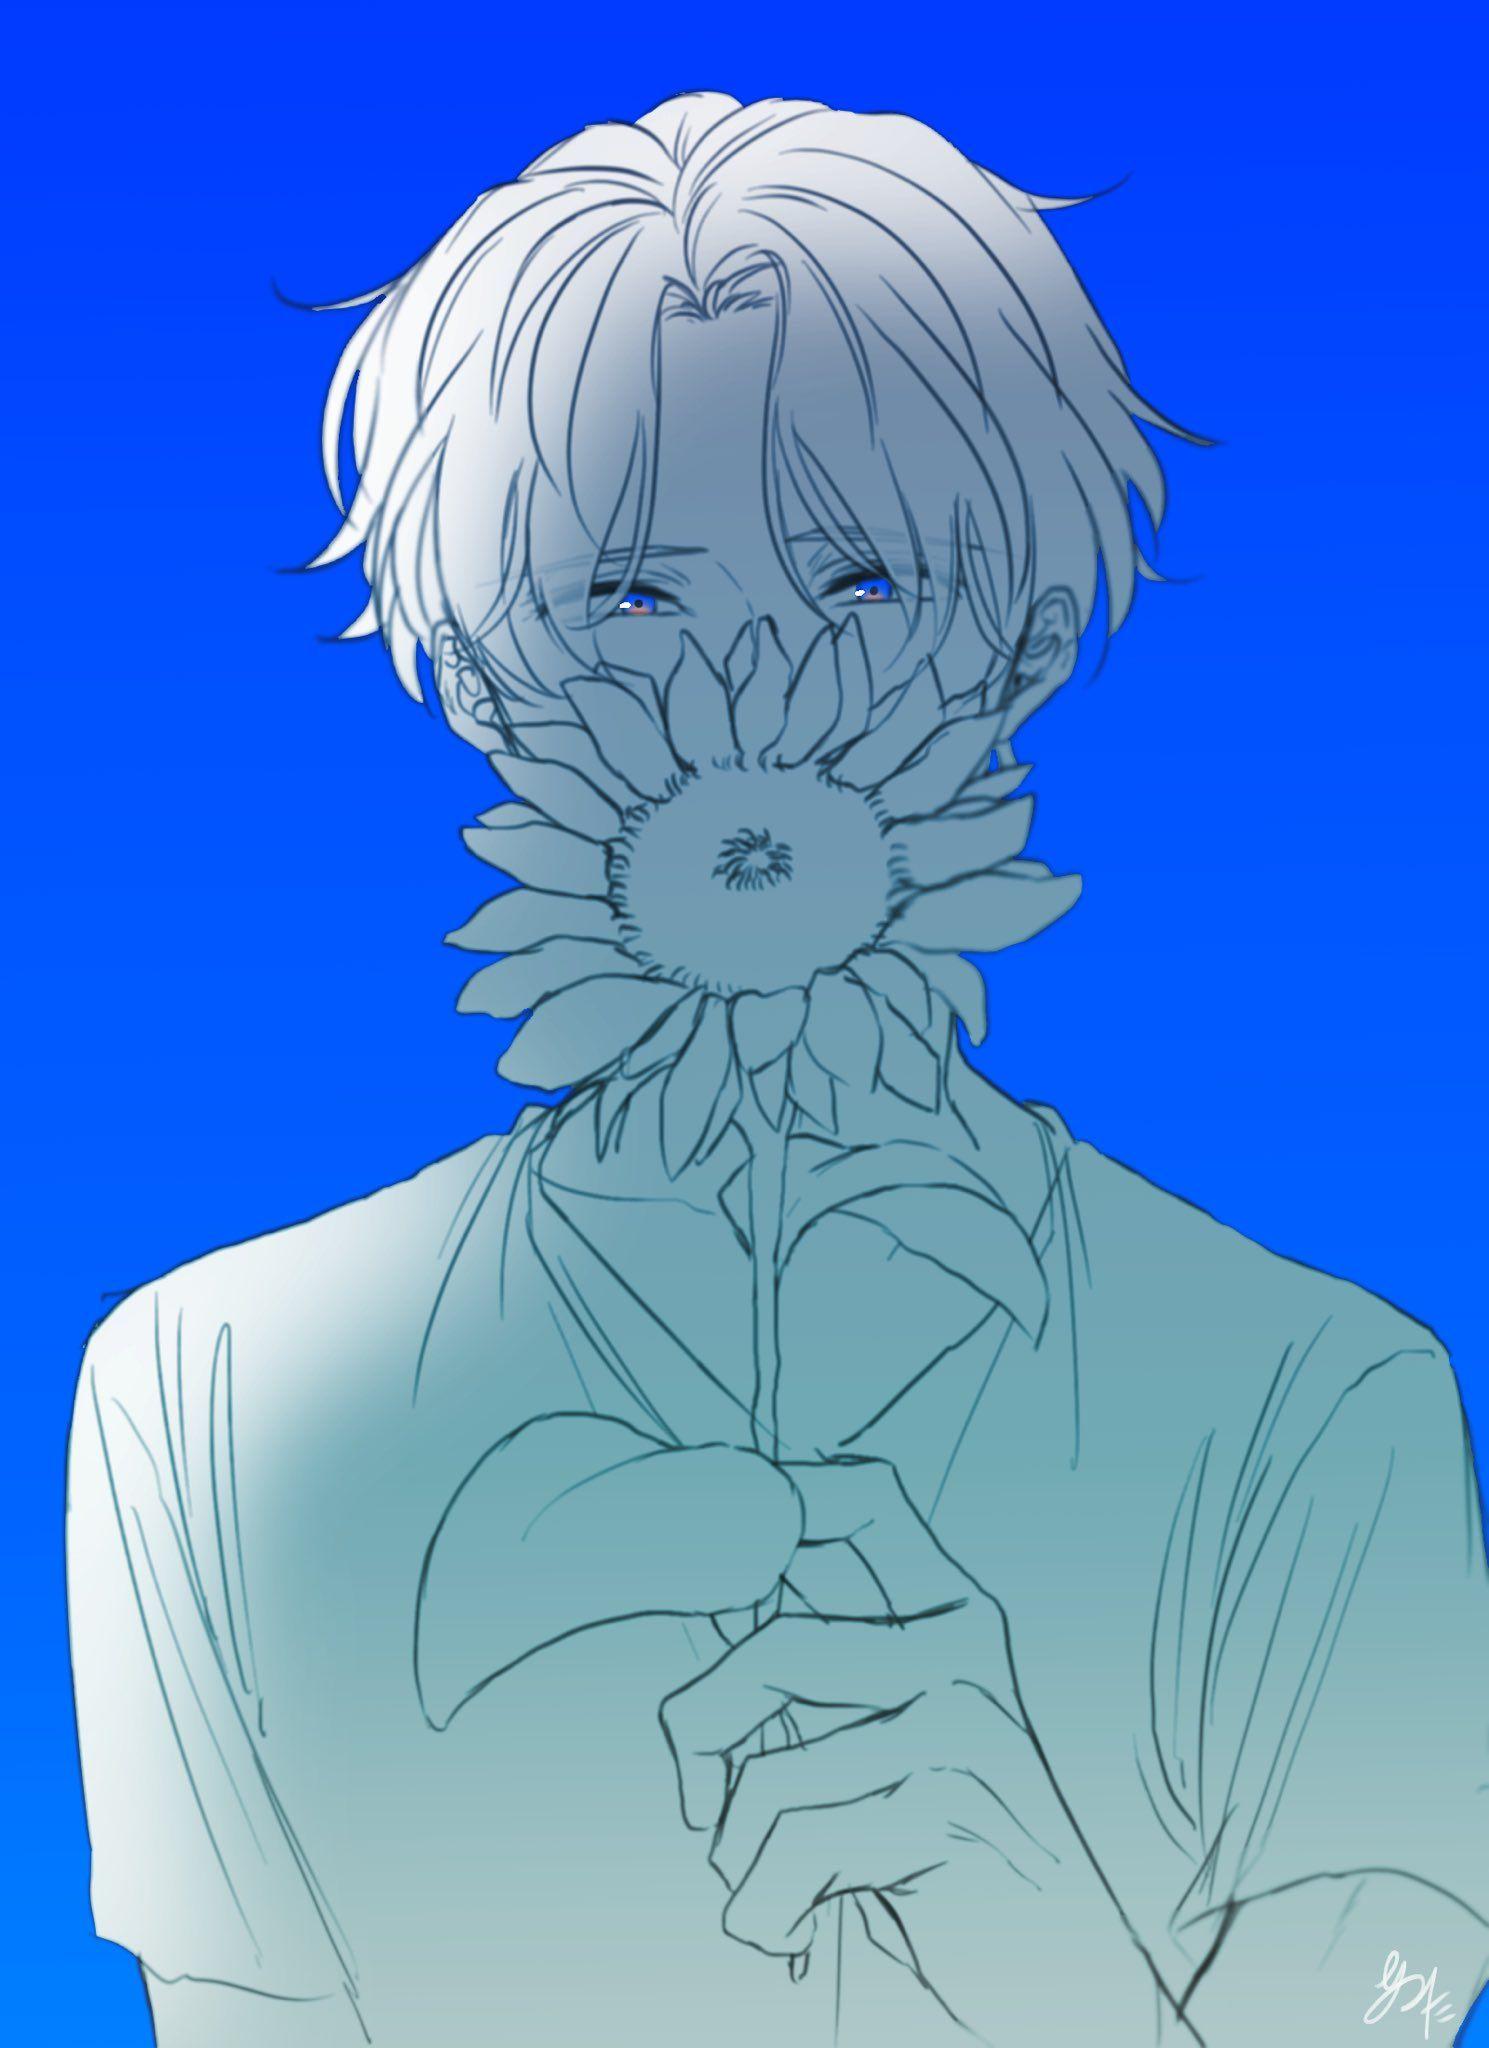 あみた on (With images) Anime drawings boy, One piece ace